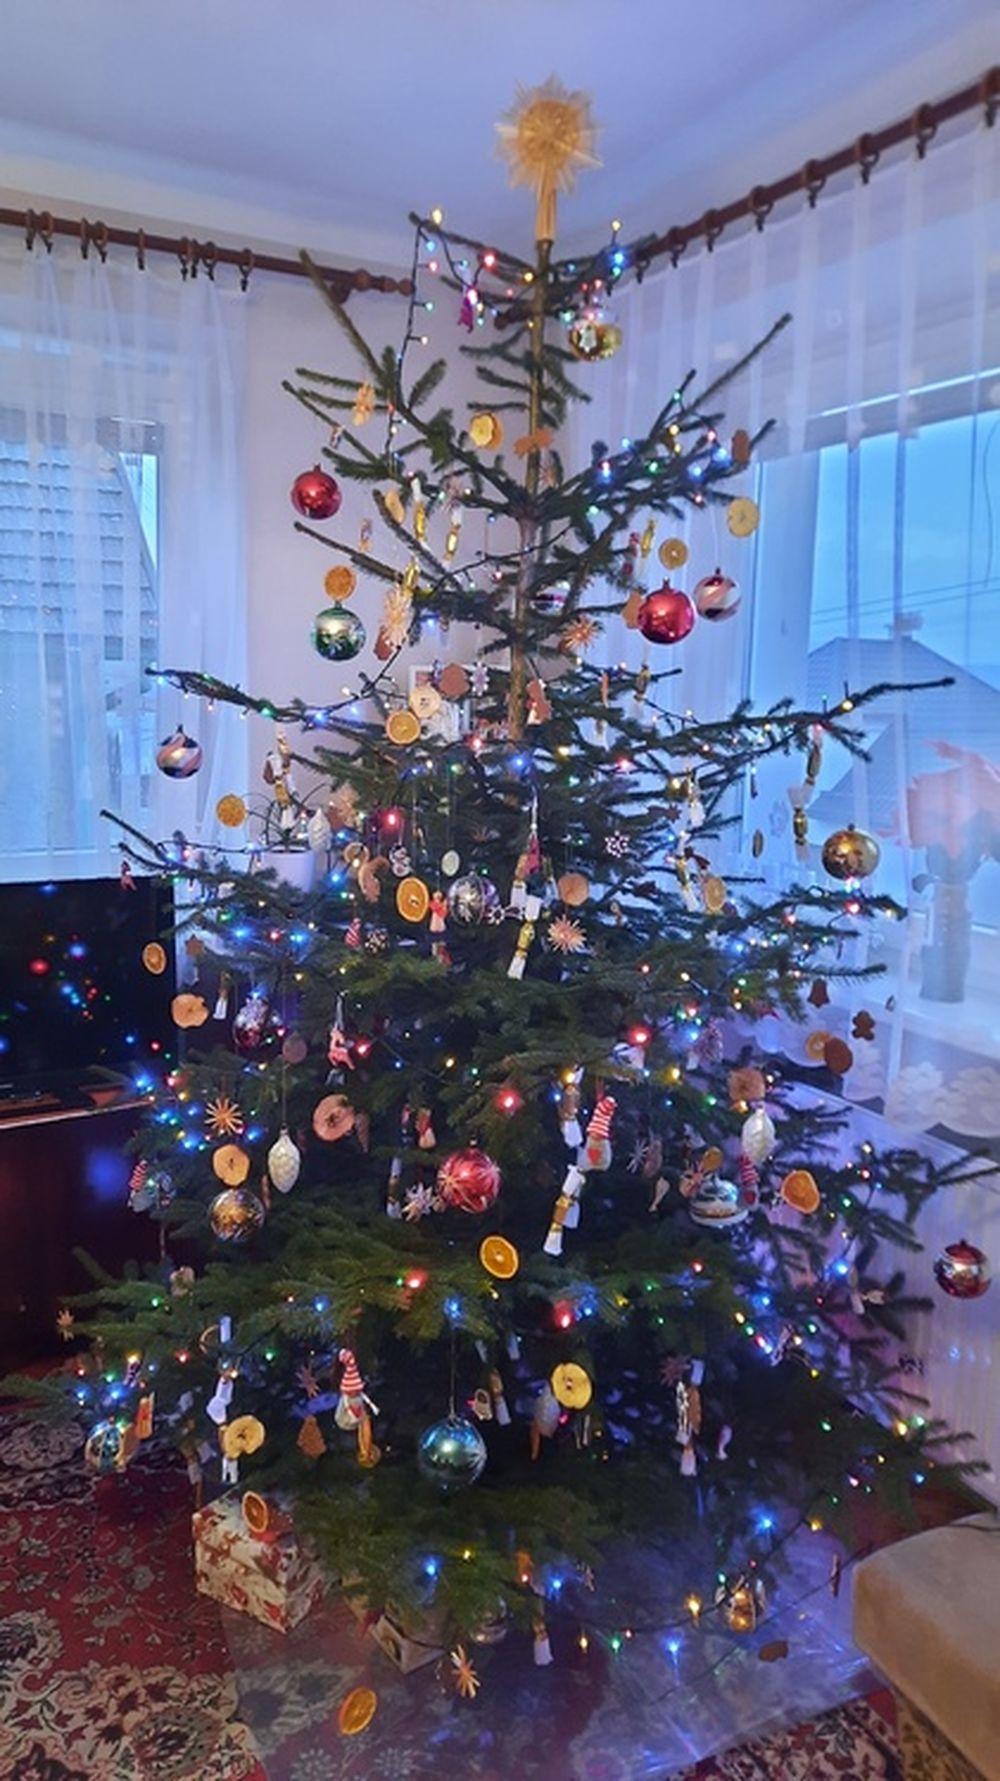 FOTO: Vianočné stromčeky v Žiline - výber fotografií našich čitateľov, foto 60